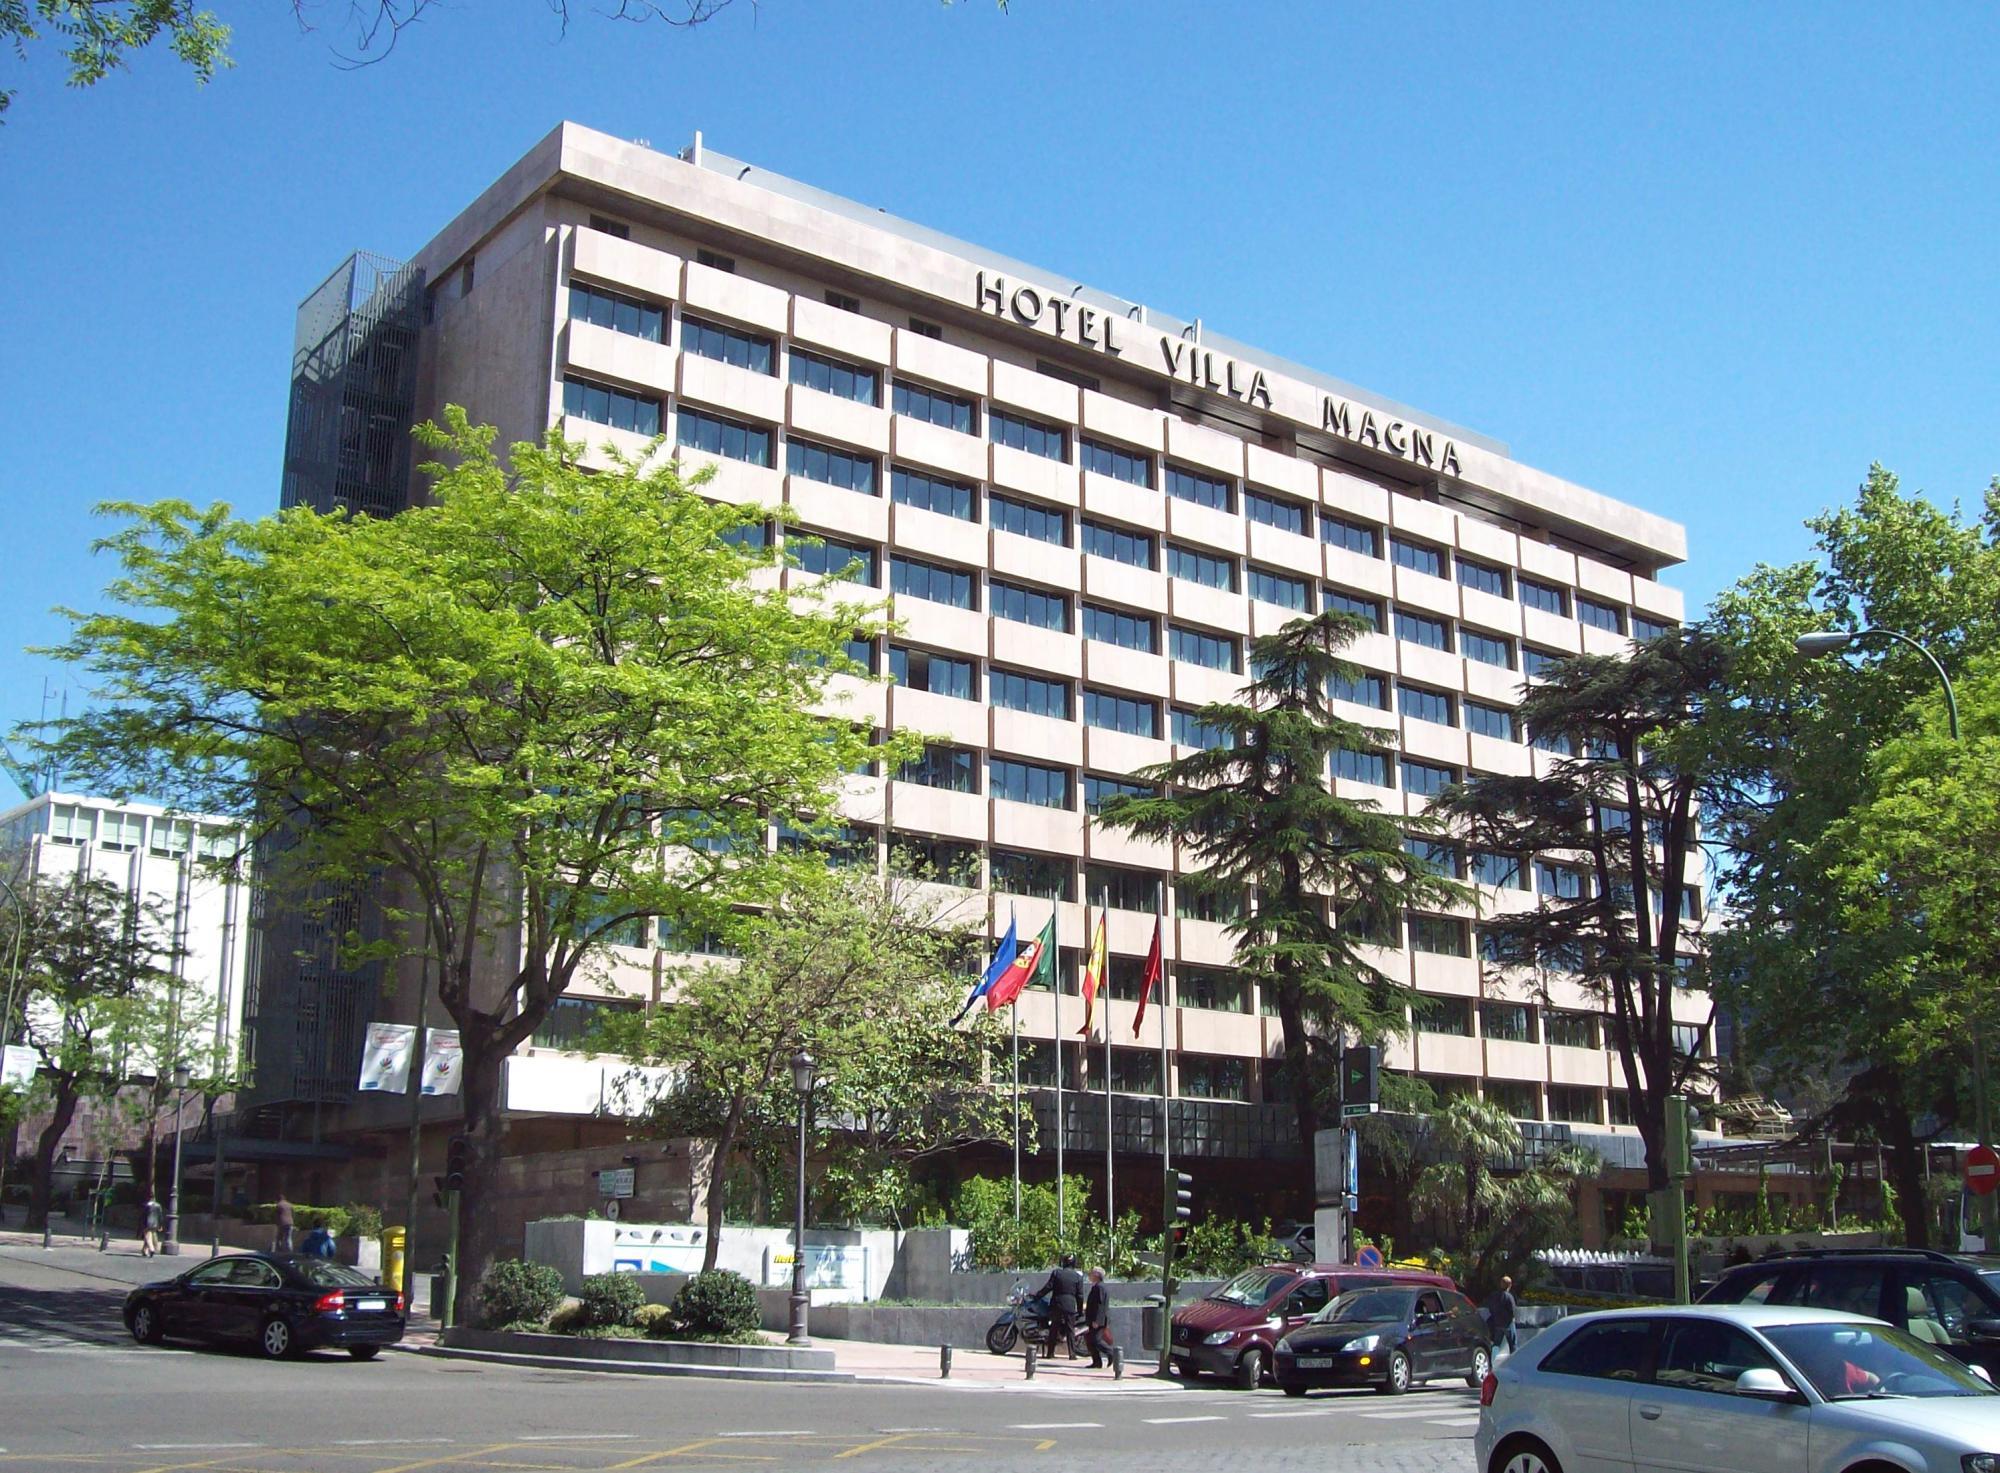 El hotel Villa Magna de Madrid